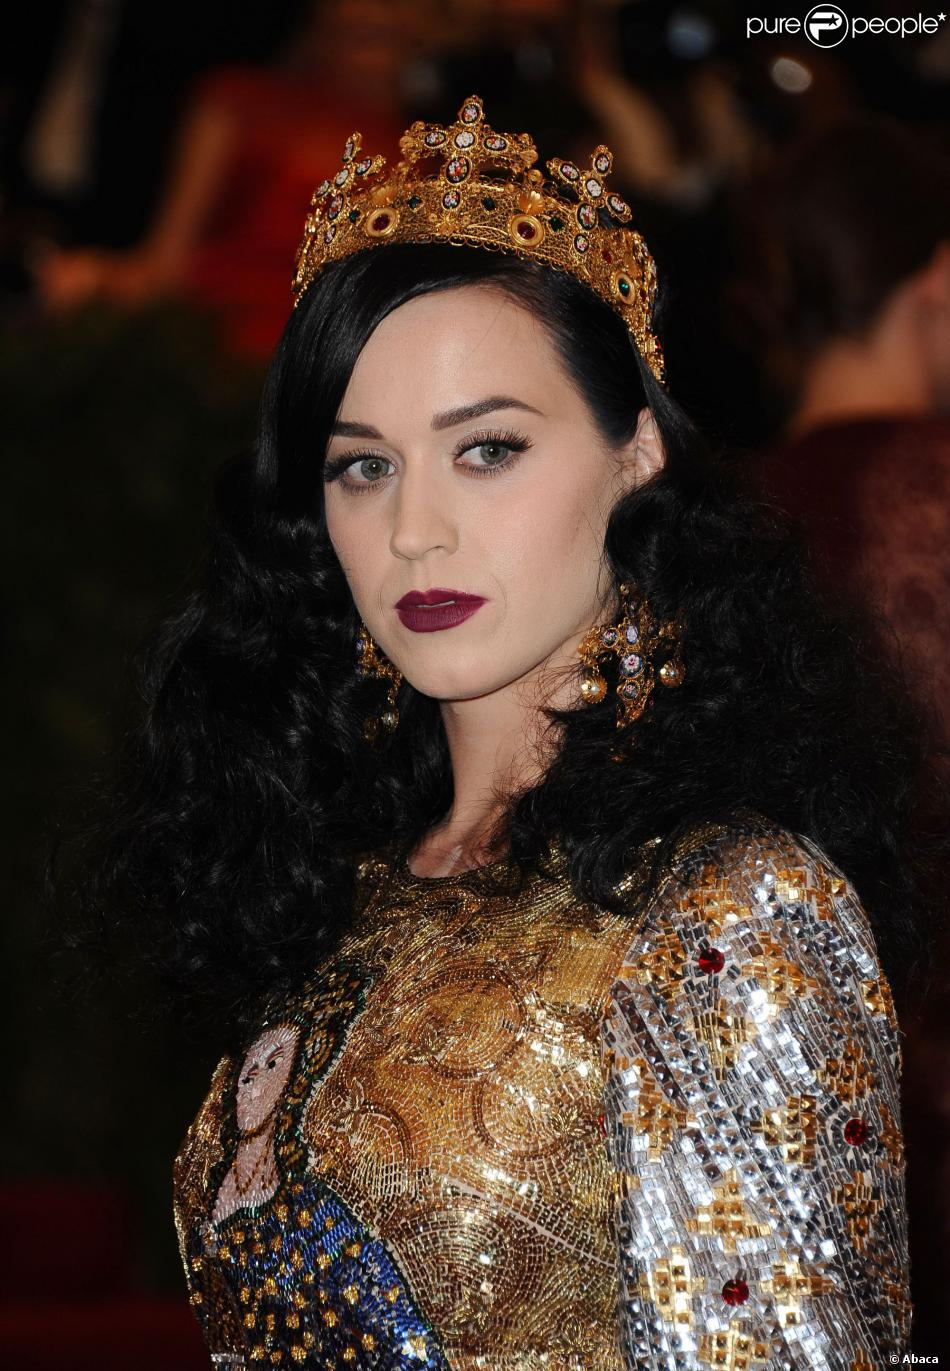 Les beauty looks de star à piquer pour le réveillon : Katy Perry